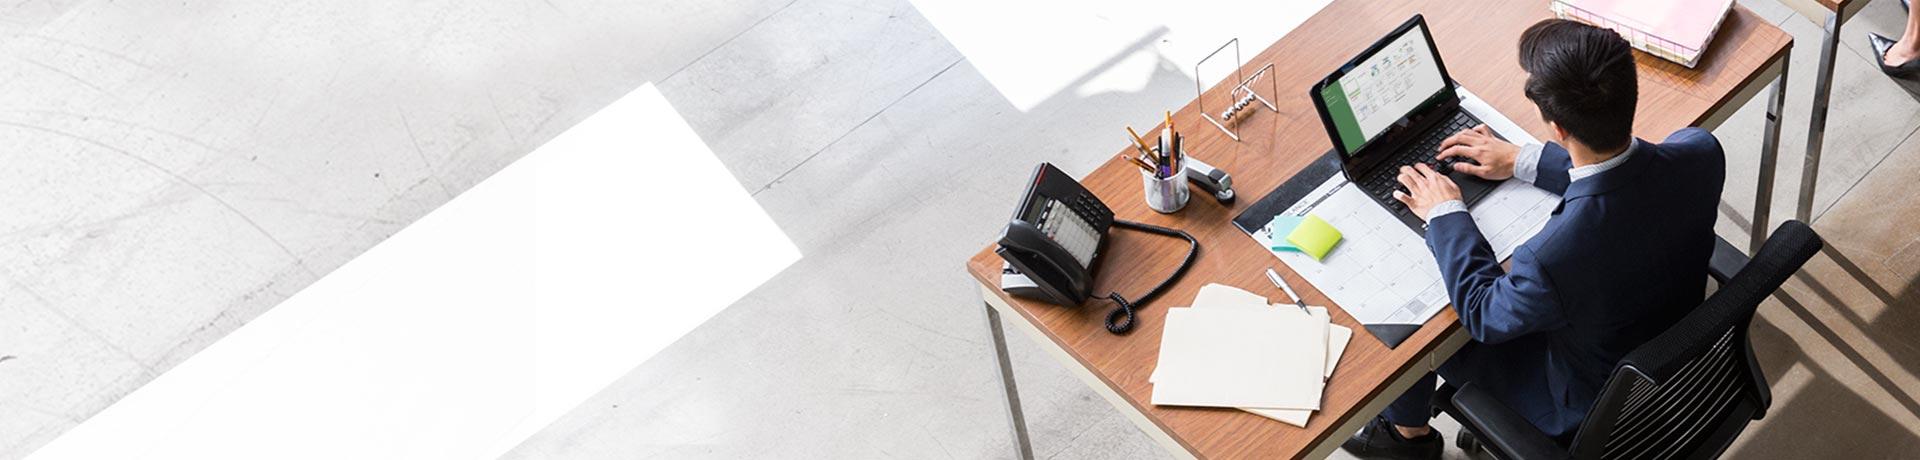 オフィスの机で、ノート PC を使って Microsoft Project ファイルを作業している男性。